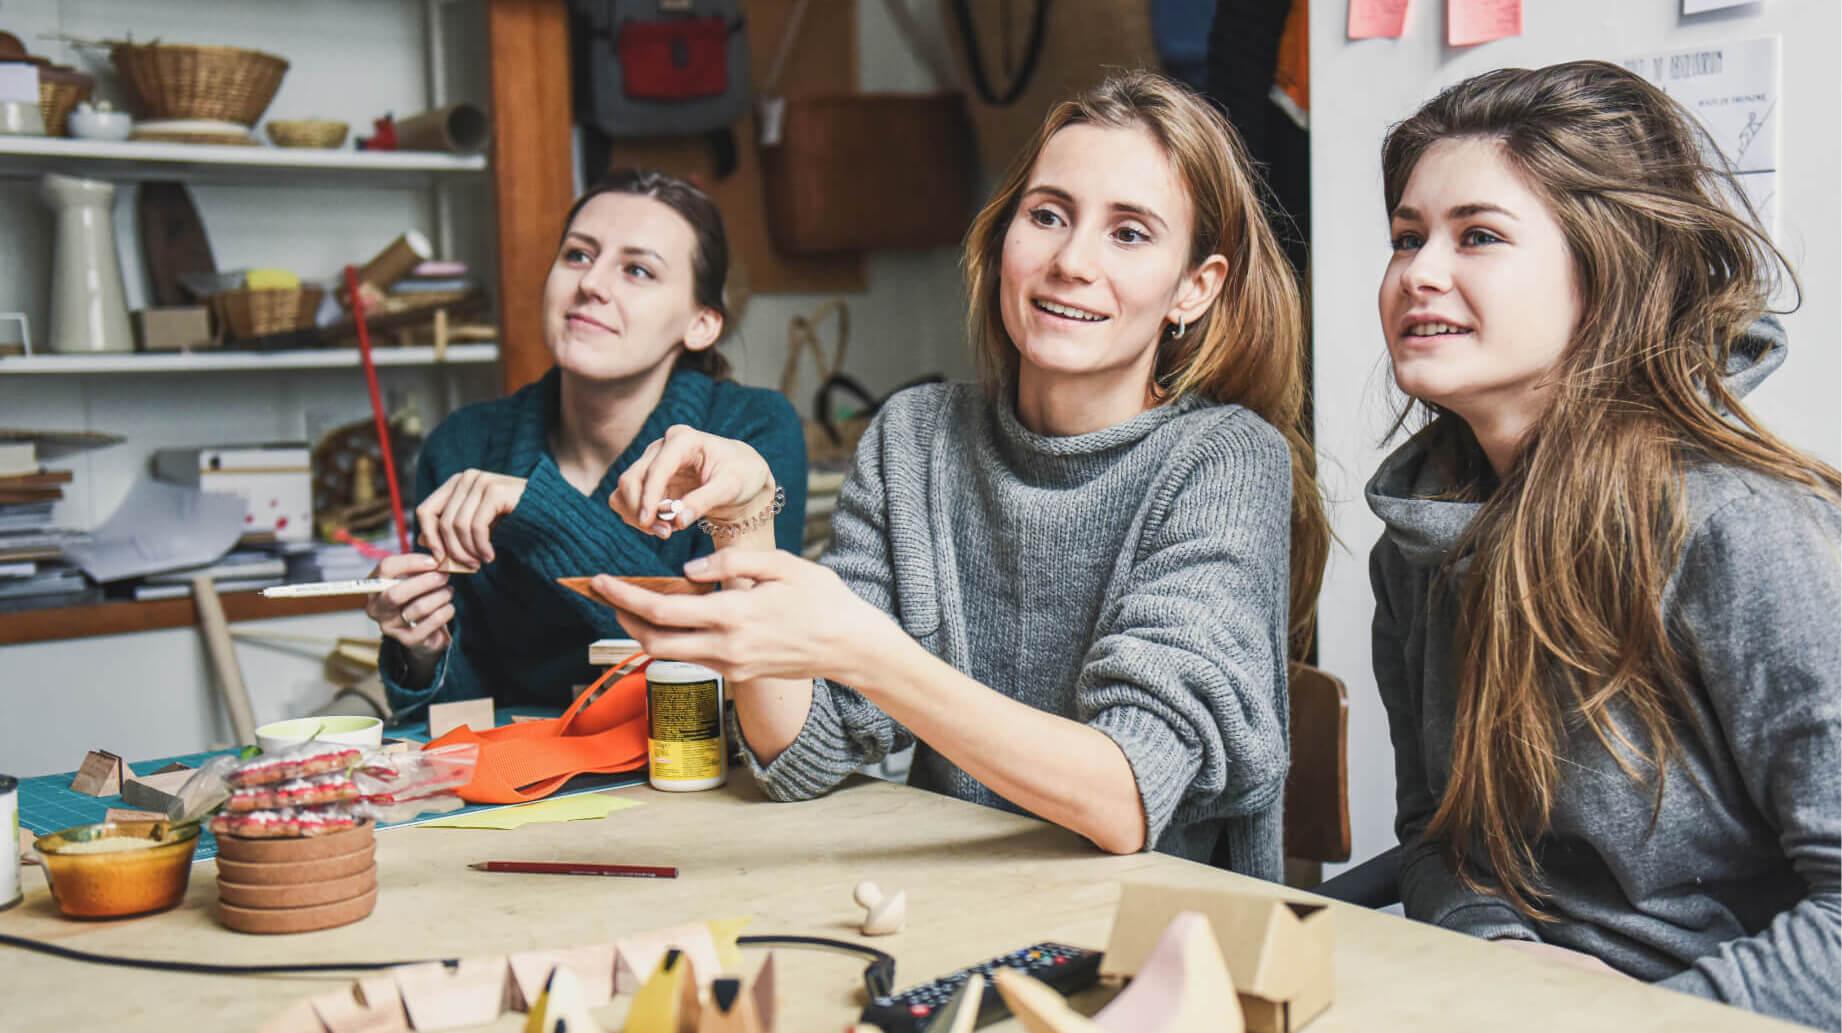 Trzy studentki podczas zajęć. Siedzą przy drewnianym stole na którym leżą fragmenty drewnianych zabawek i akcesoria do modelowania. W tle drewniane półki z plecionymi koszami, ceramiką, obiektami ze skóry.